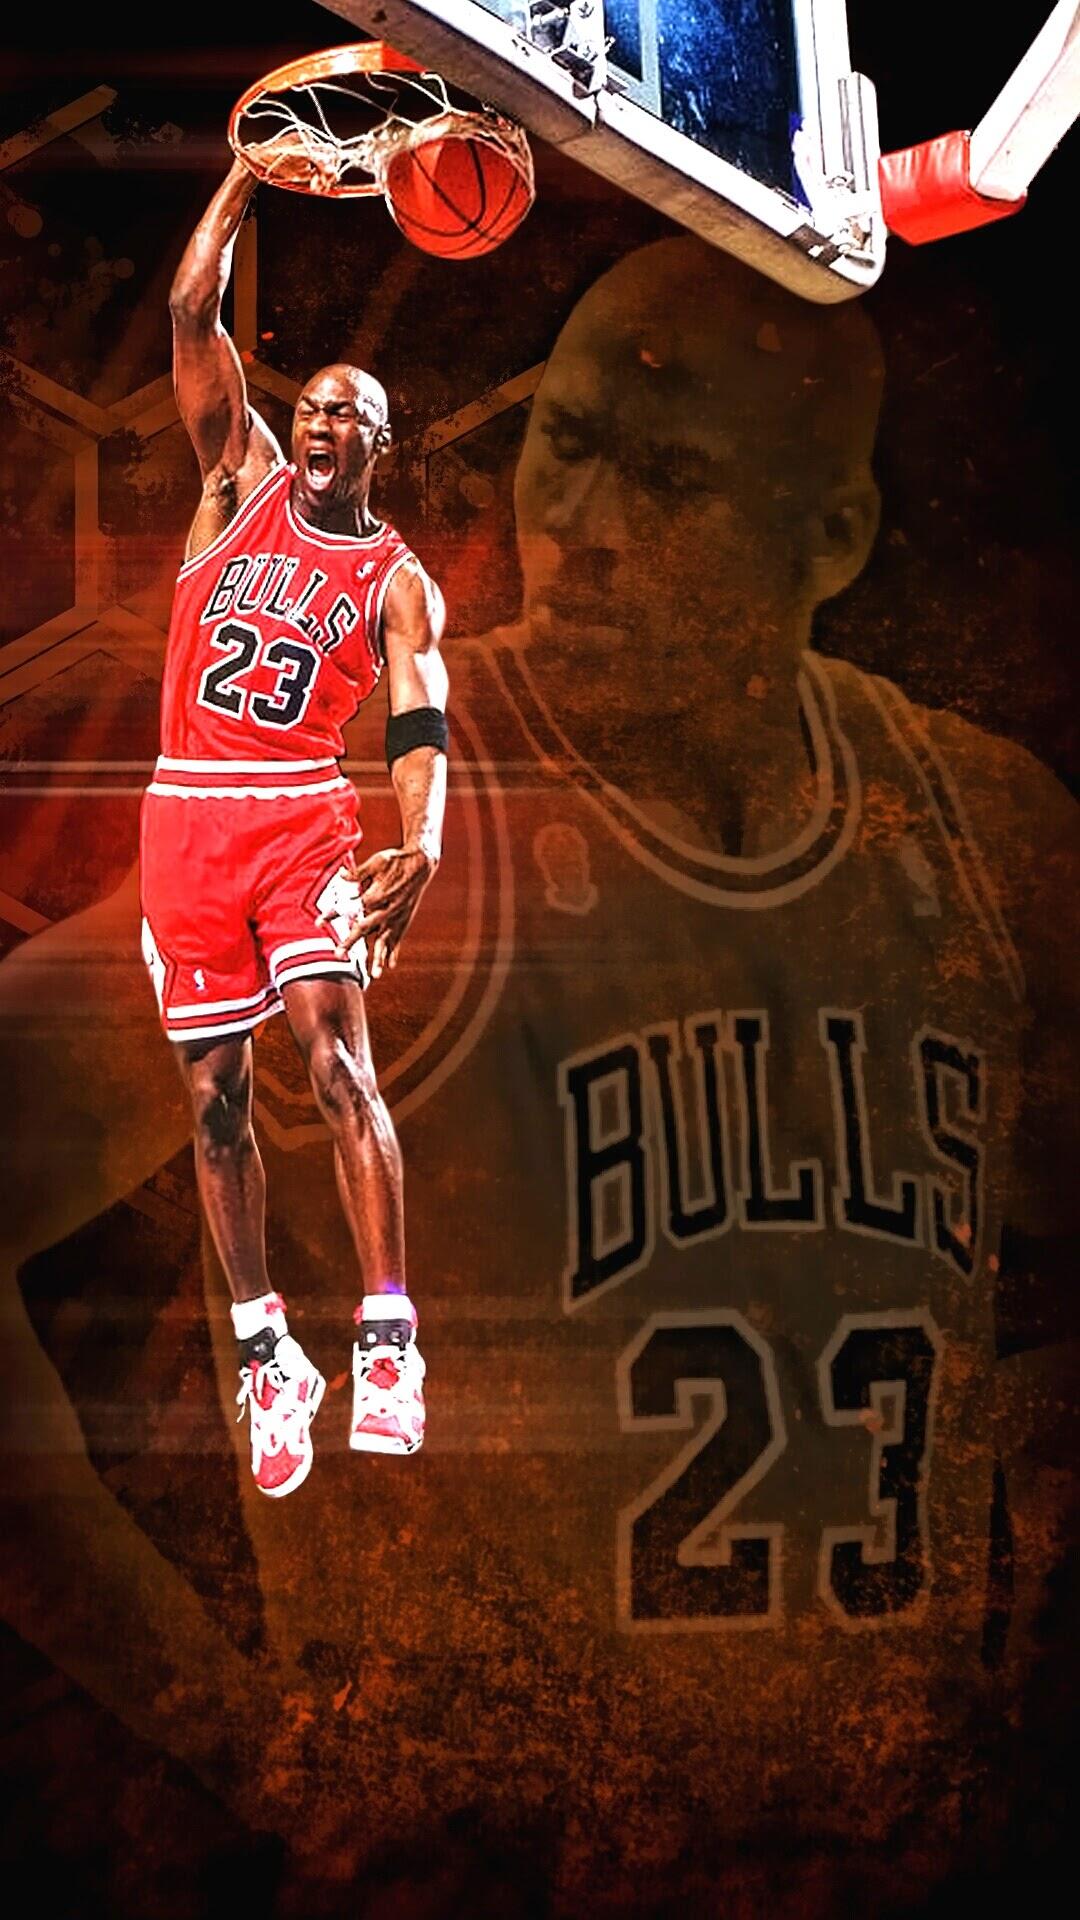 Michael Jordan Wallpaper For Iphone X 8 7 6 Free Download